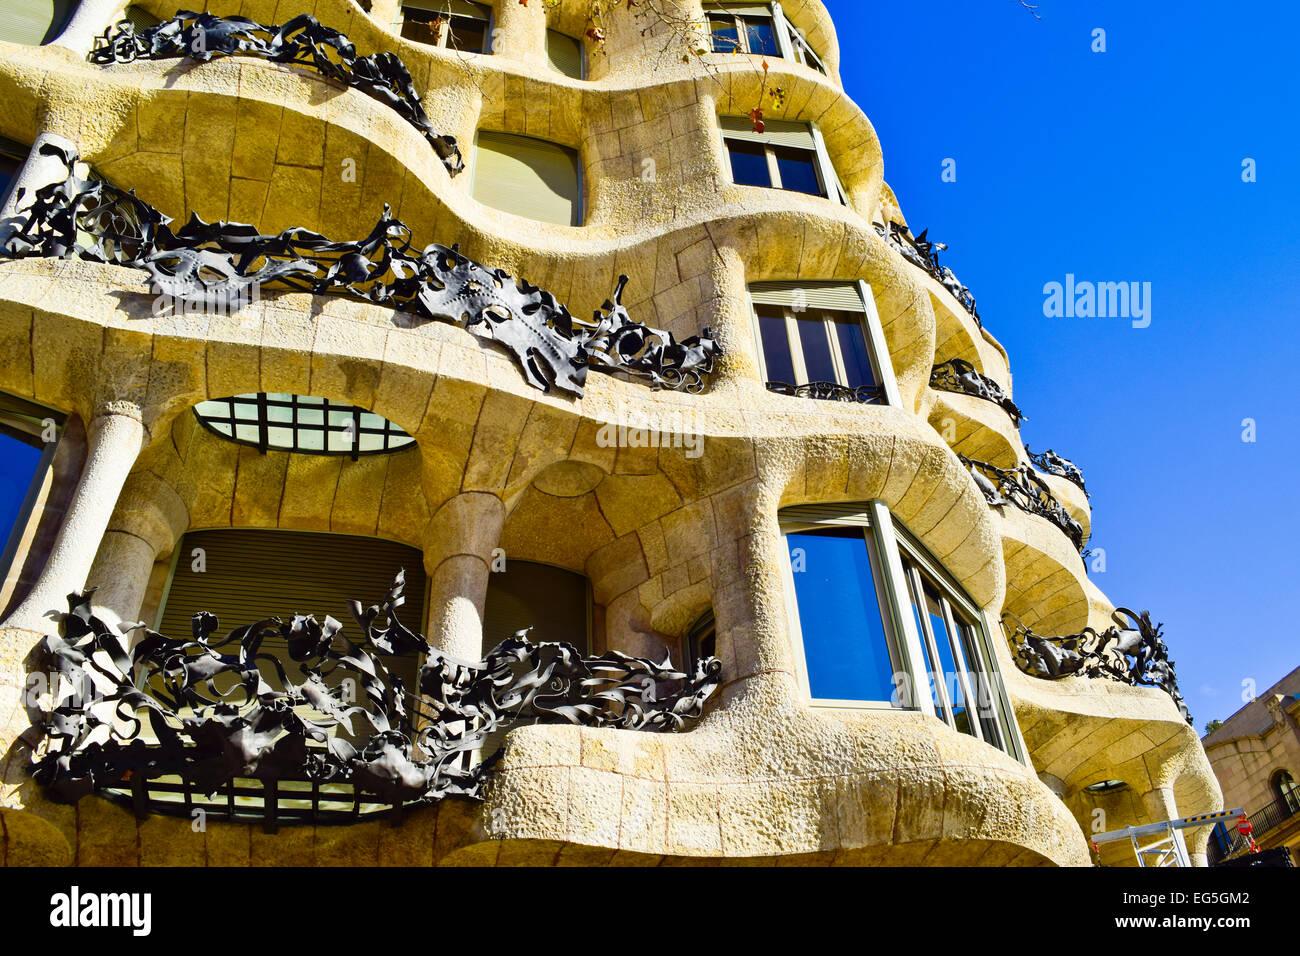 Casa Mila aka La Pedrera diseñado por el arquitecto Antoni Gaudí. Barcelona, Cataluña, España. Imagen De Stock